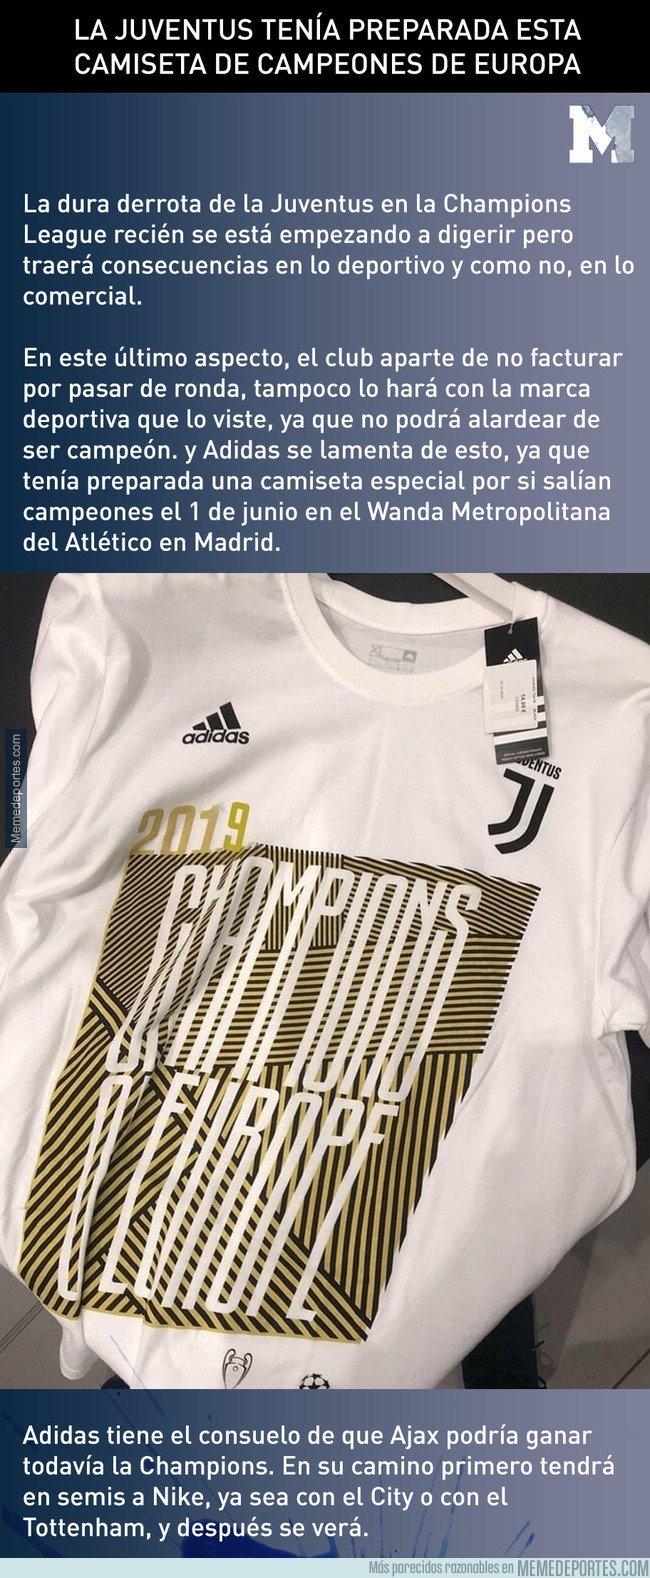 1071773 - La Juventus tenía preparada esta camiseta de campeones de Europa